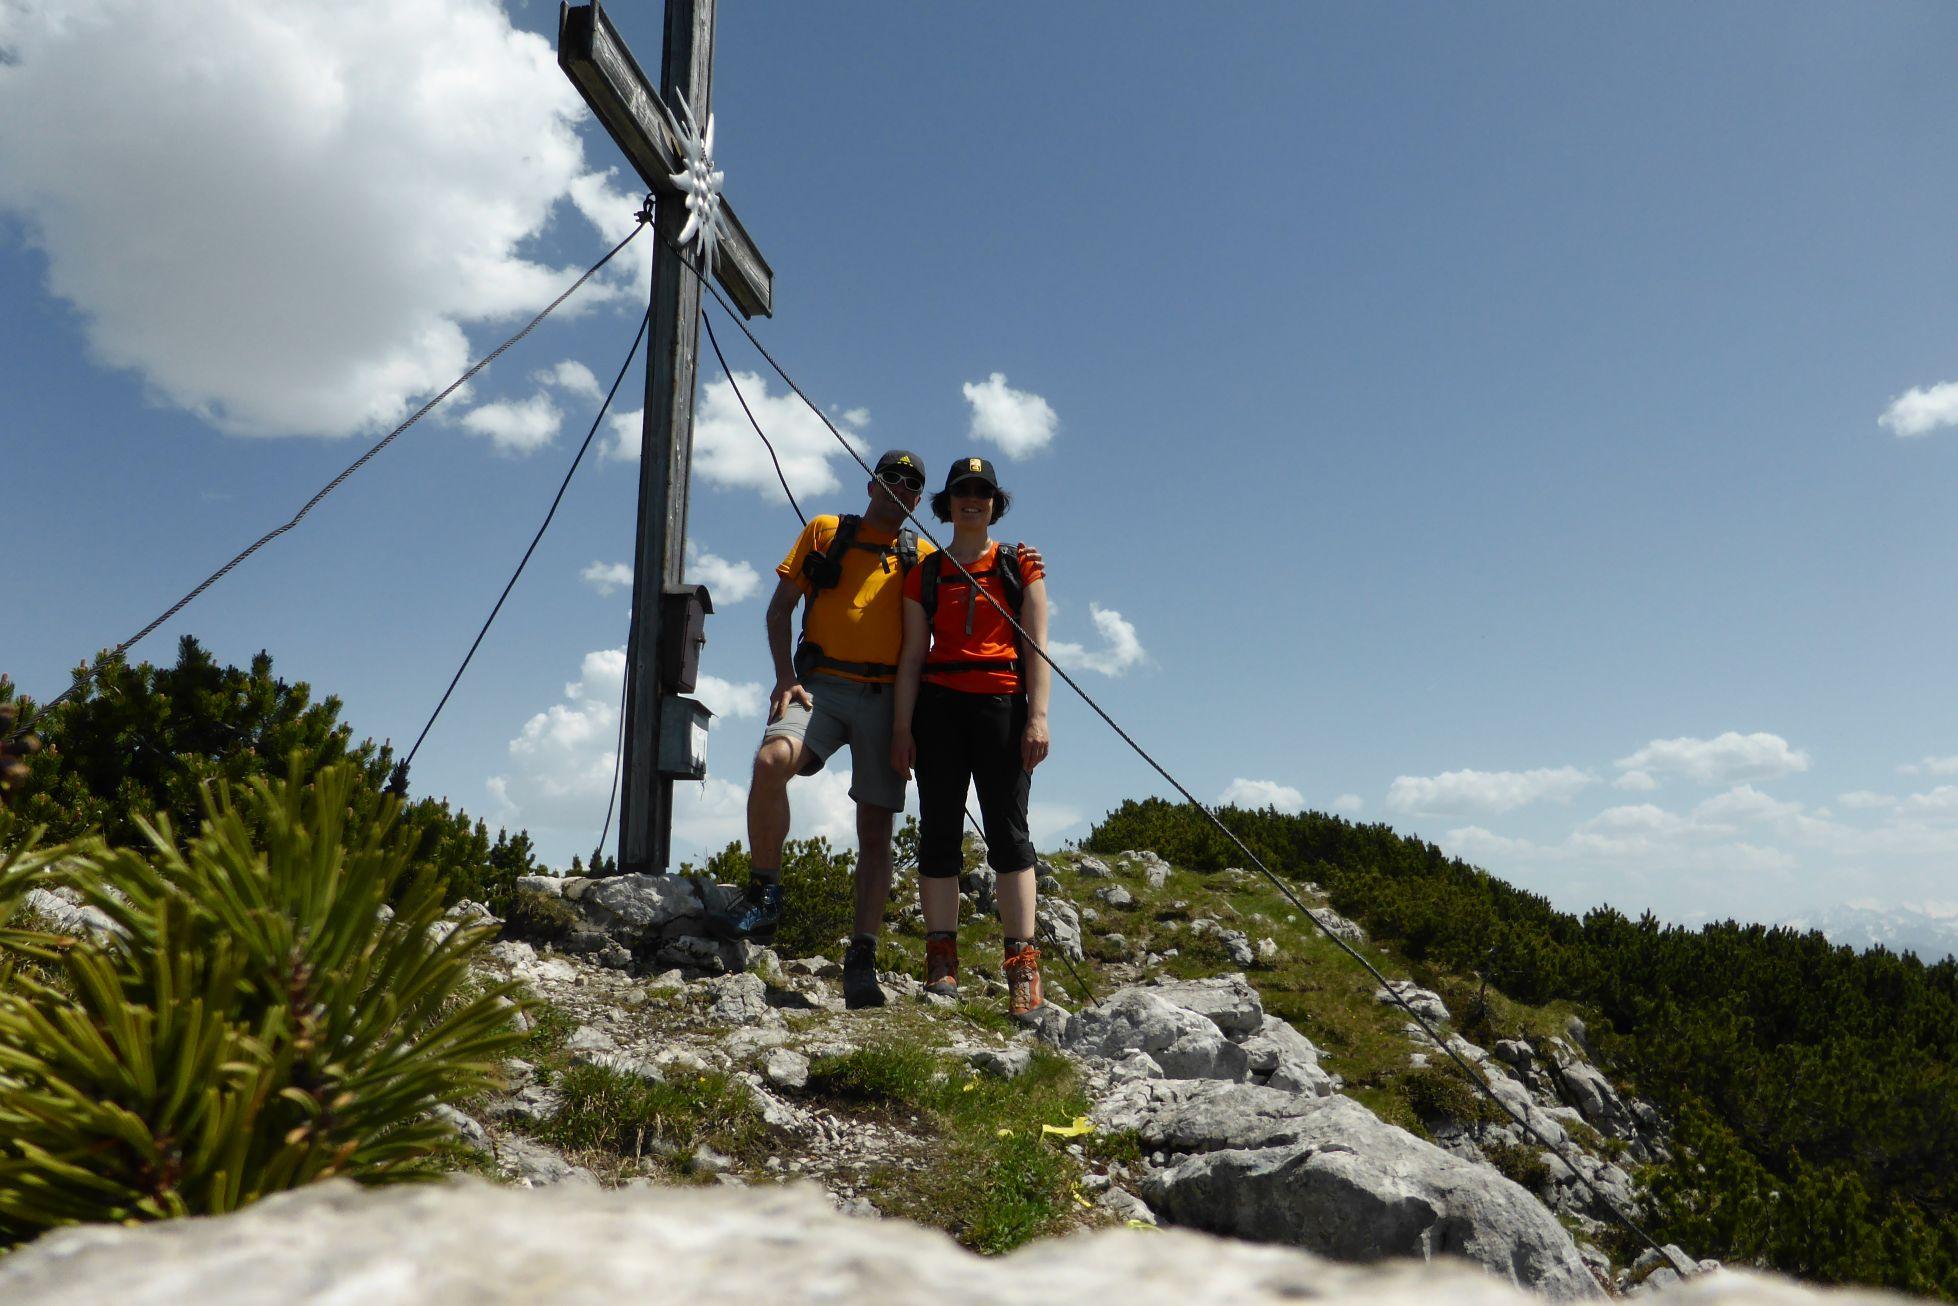 Traumhafte (mittelschwere) Bergtour: Berchtesgadener Hochkranz (1953m)